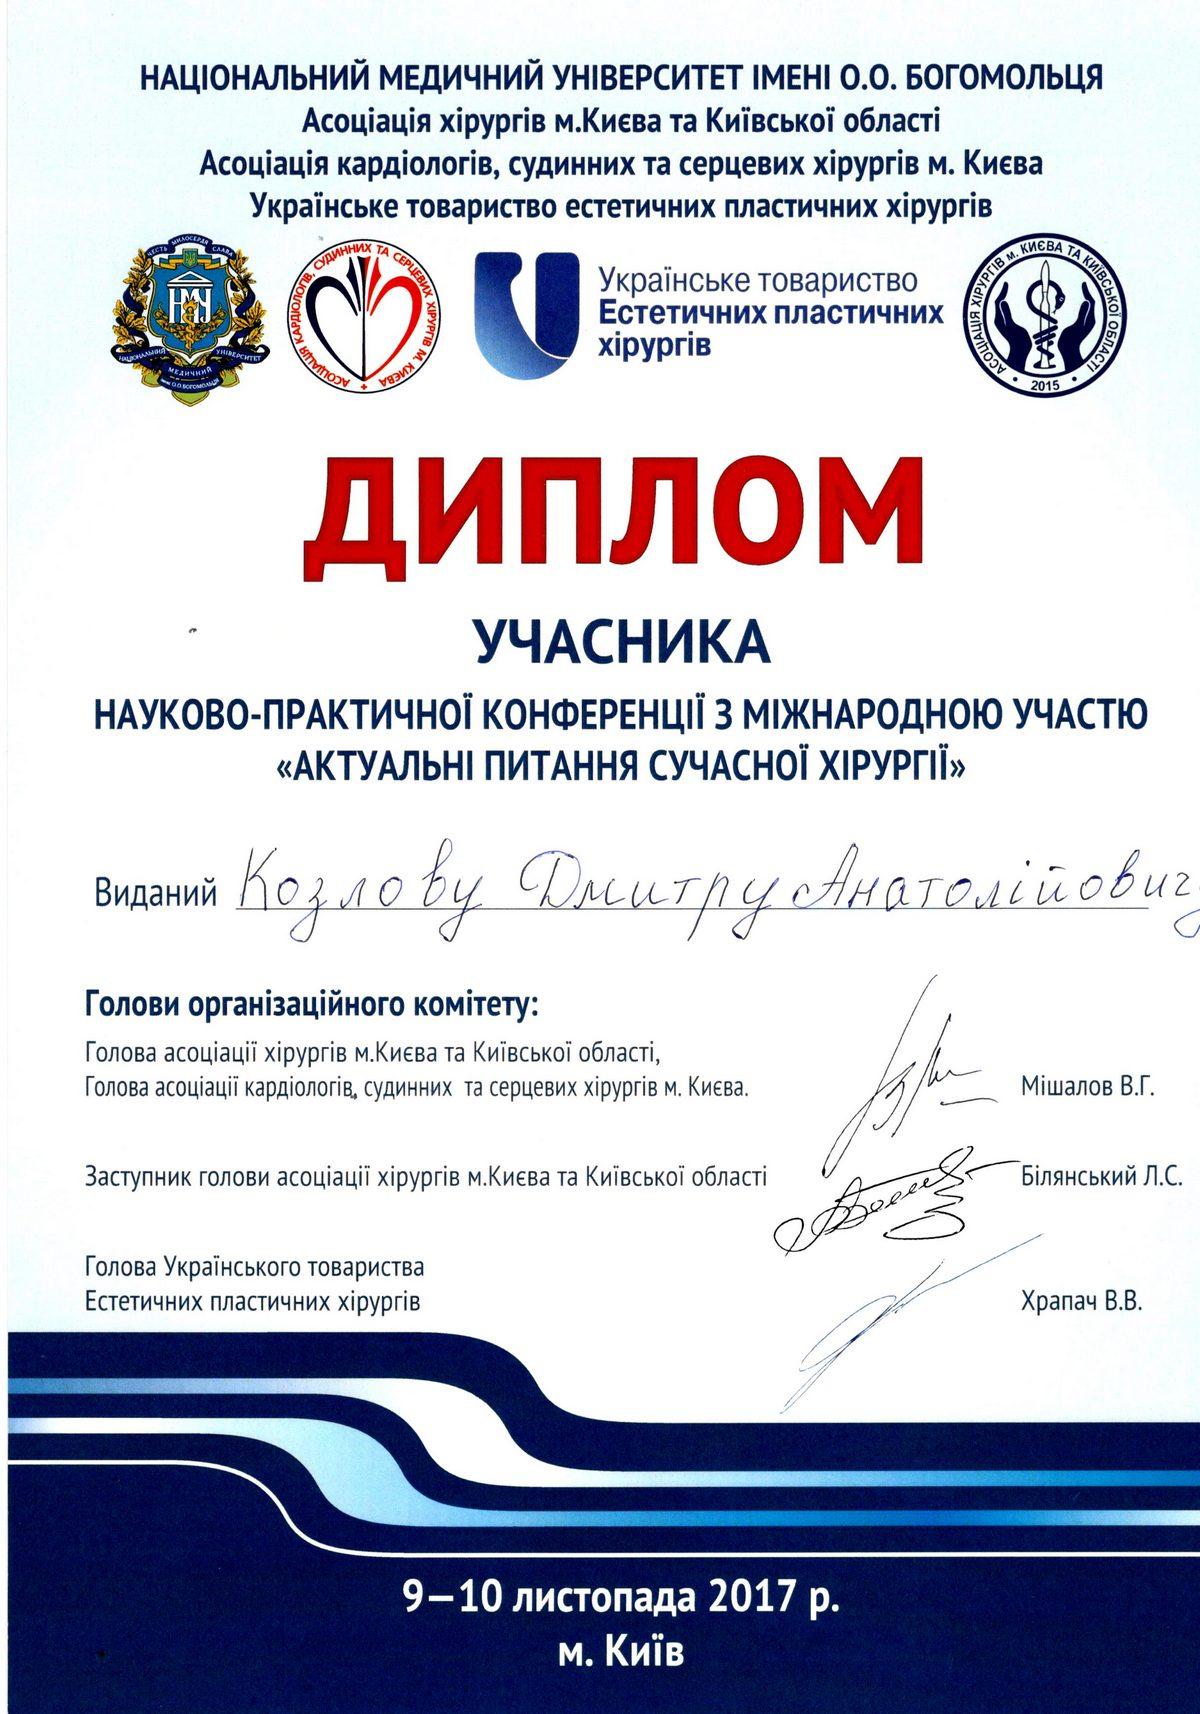 Документ №:5 Диплом пластического хирурга Козлова Дмитрия Анатольевича